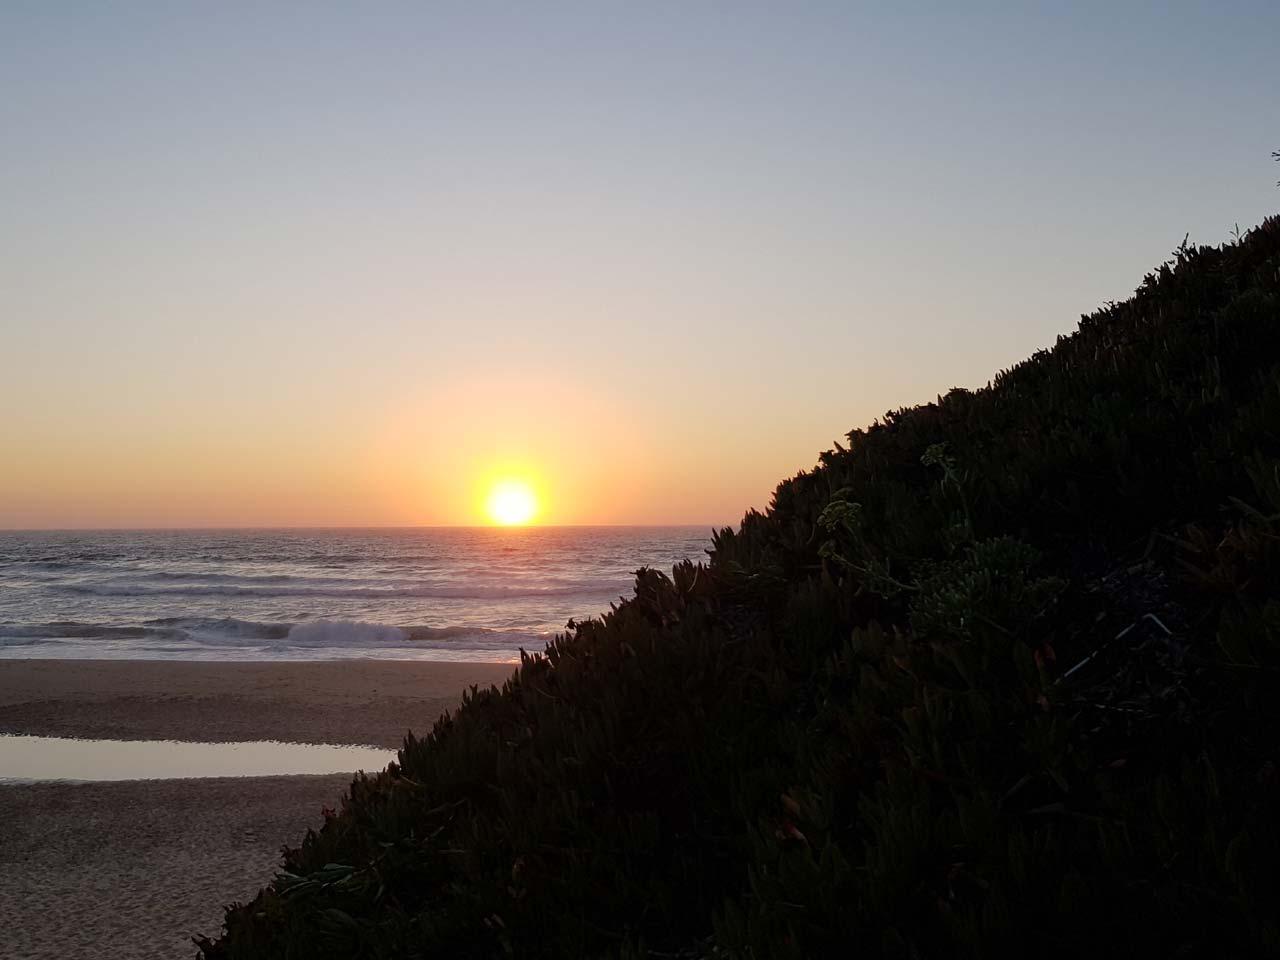 Sonnenuntergang vom feinsten für Portugal-Fans